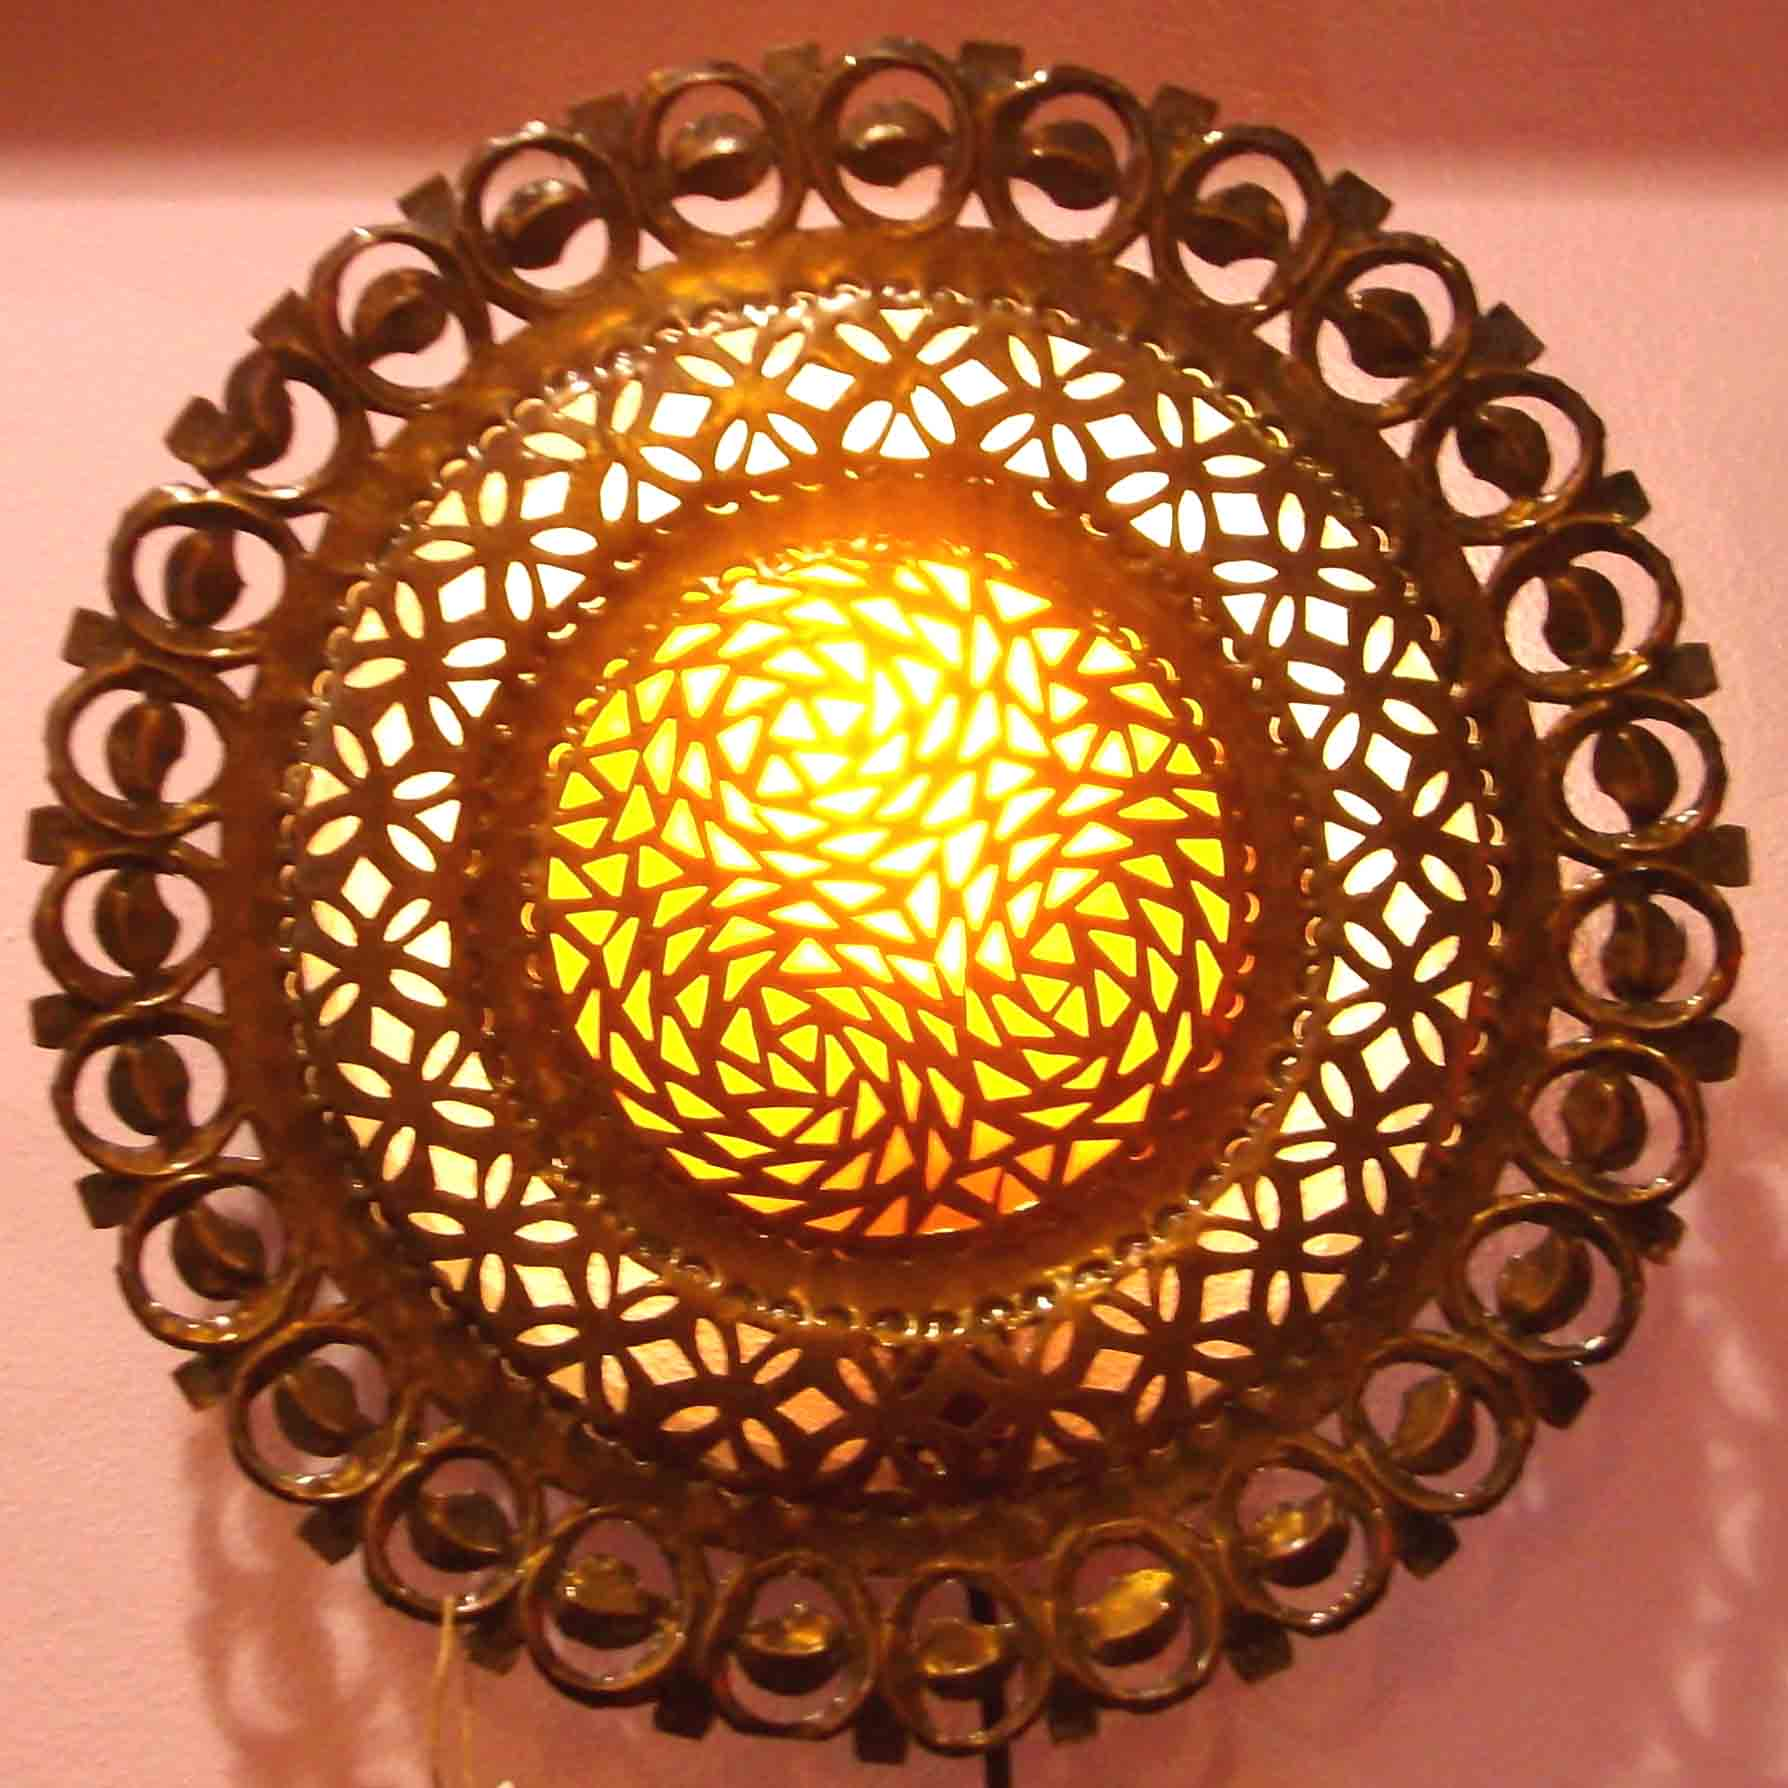 Ordina Illuminazione Articoli E Prodotti Etnici Marocchini Ed Orientali